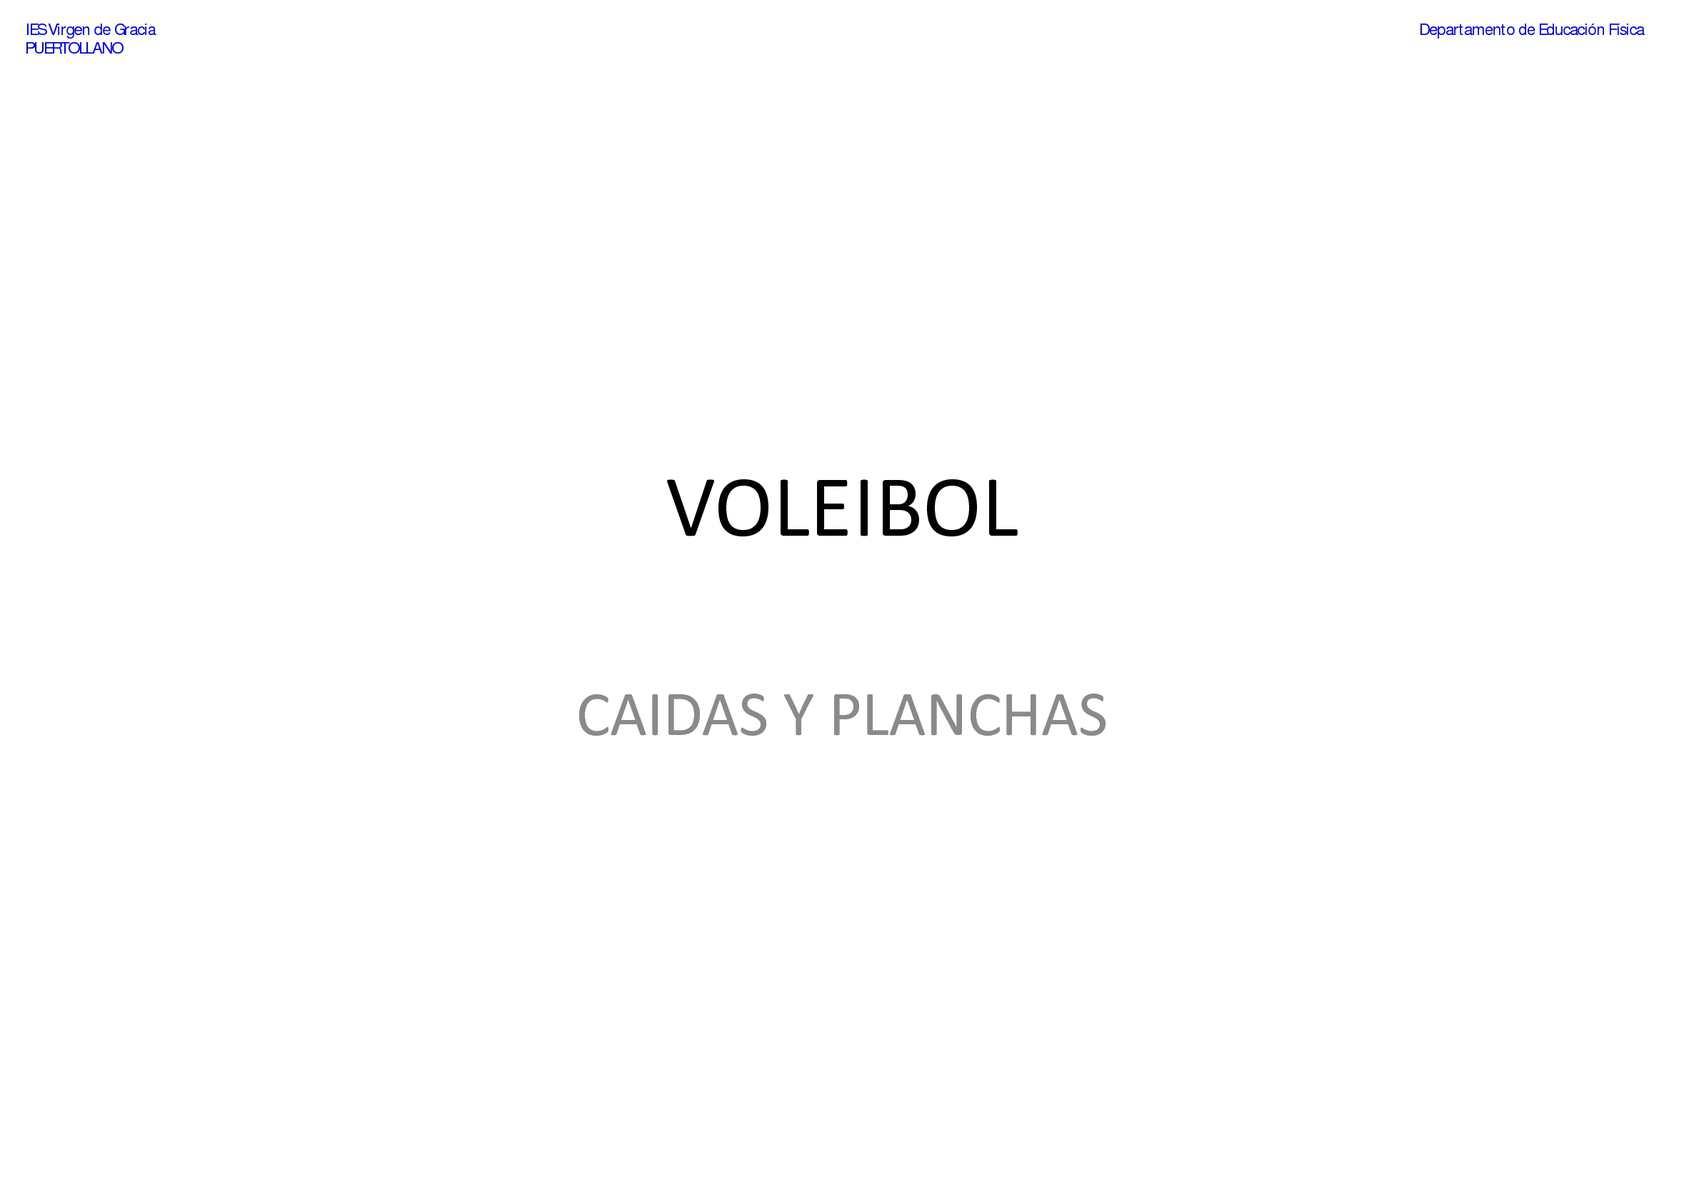 VOLEIBOL-Caidas y planchas